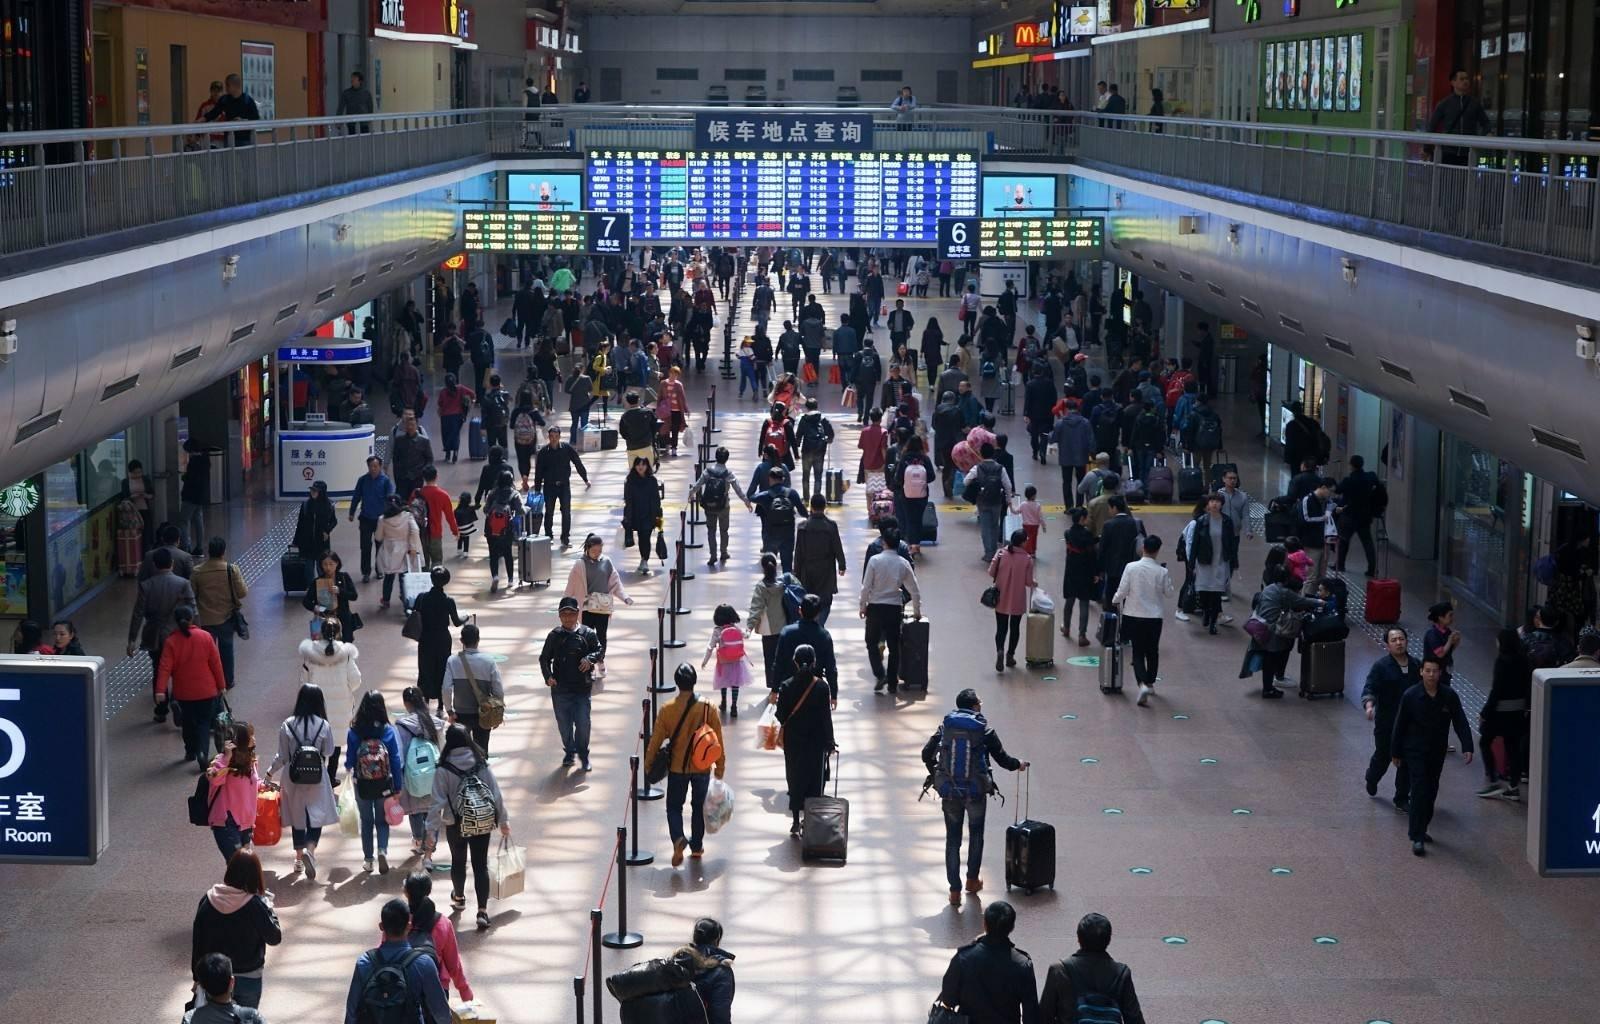 端午假期铁路预计发送旅客4460万人次